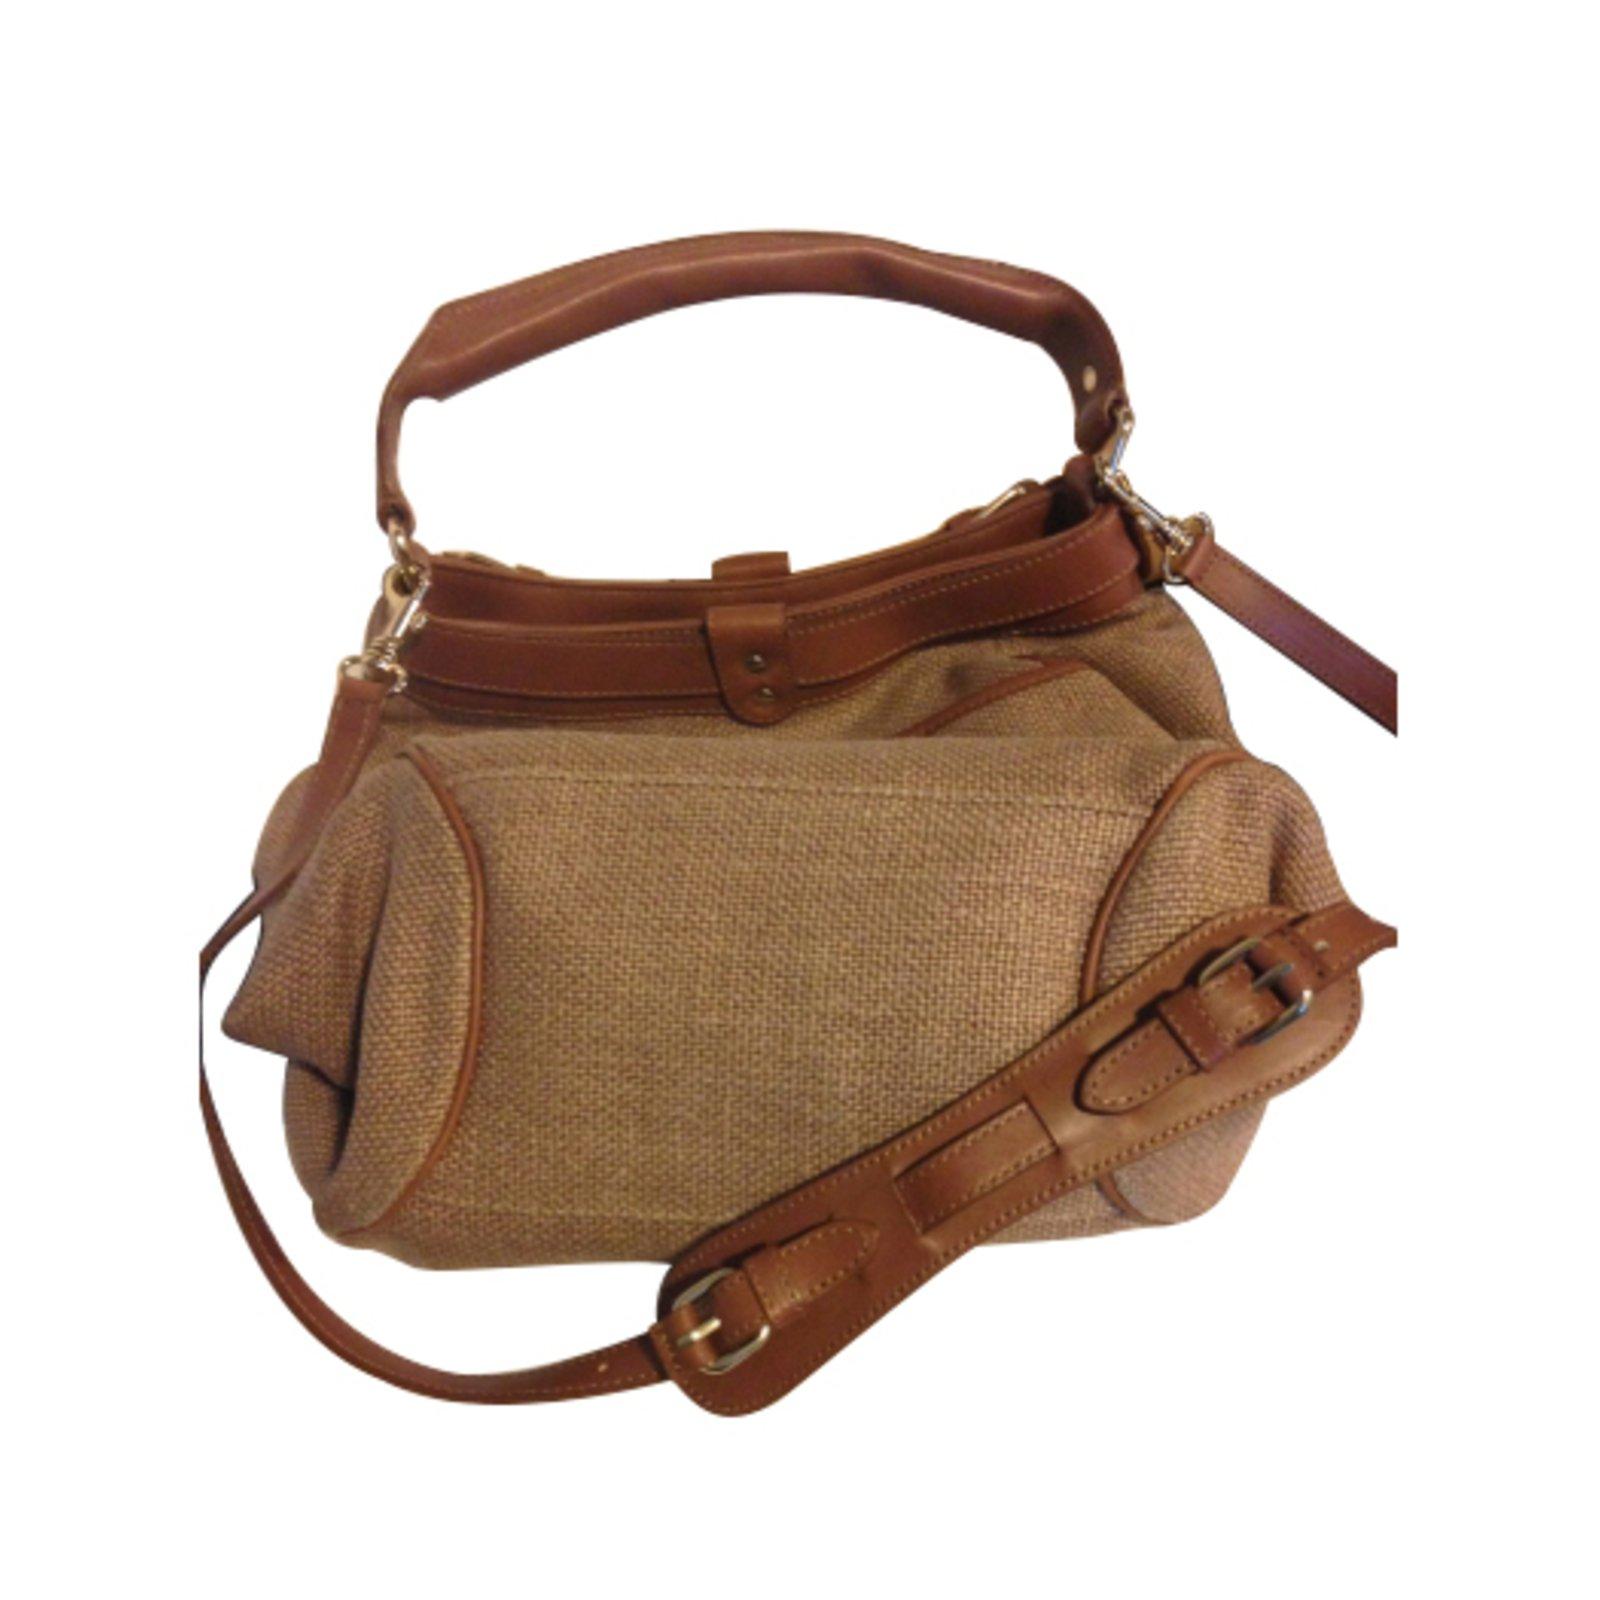 sacs main vanessa bruno hobo cuir marron joli closet. Black Bedroom Furniture Sets. Home Design Ideas